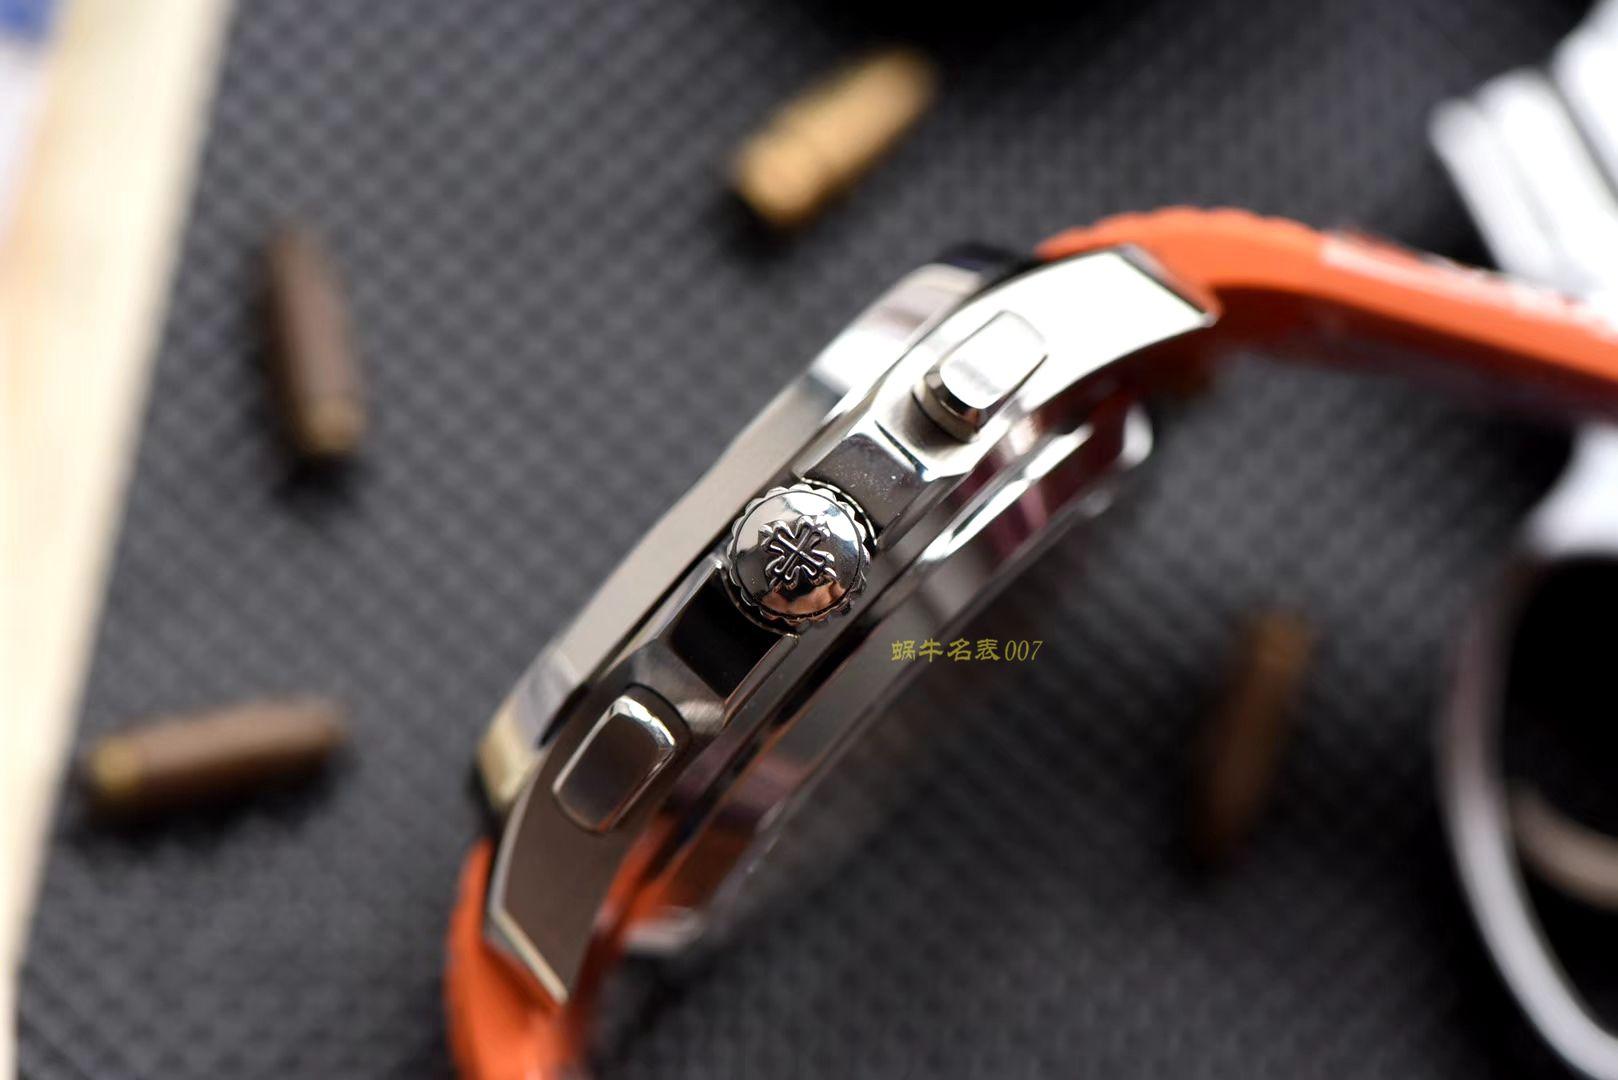 百达翡丽AQUANAUT系列5968A-001计时腕表【YL一比一超A精仿】